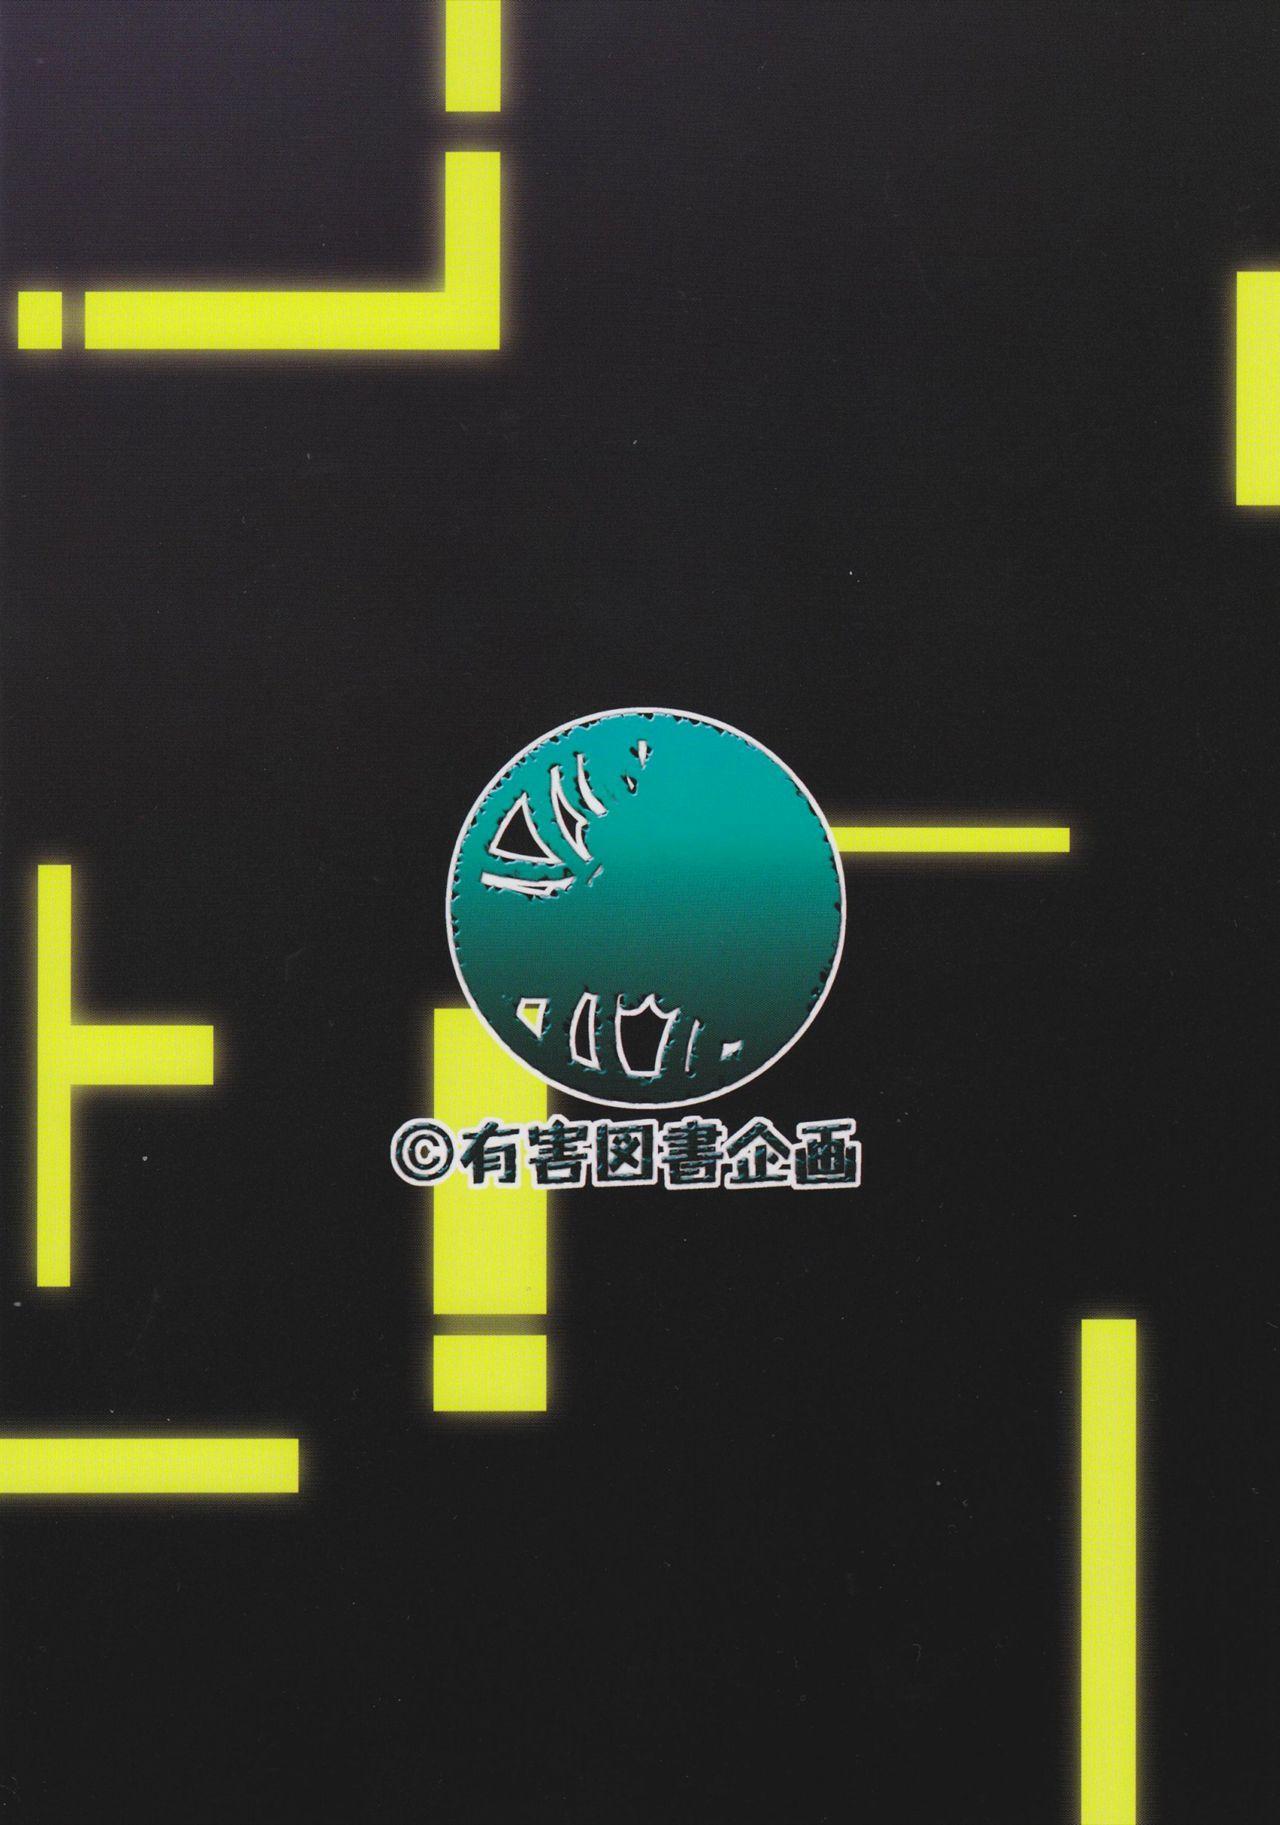 (C77) [Yuugai Tosho Kikaku (Tanaka Naburu)] Kowarekake no Kekkan Denki (radio noise) | Destructive Radio Noise (Toaru Kagaku no Railgun) [English] =Torwyn= [Decensored] 1